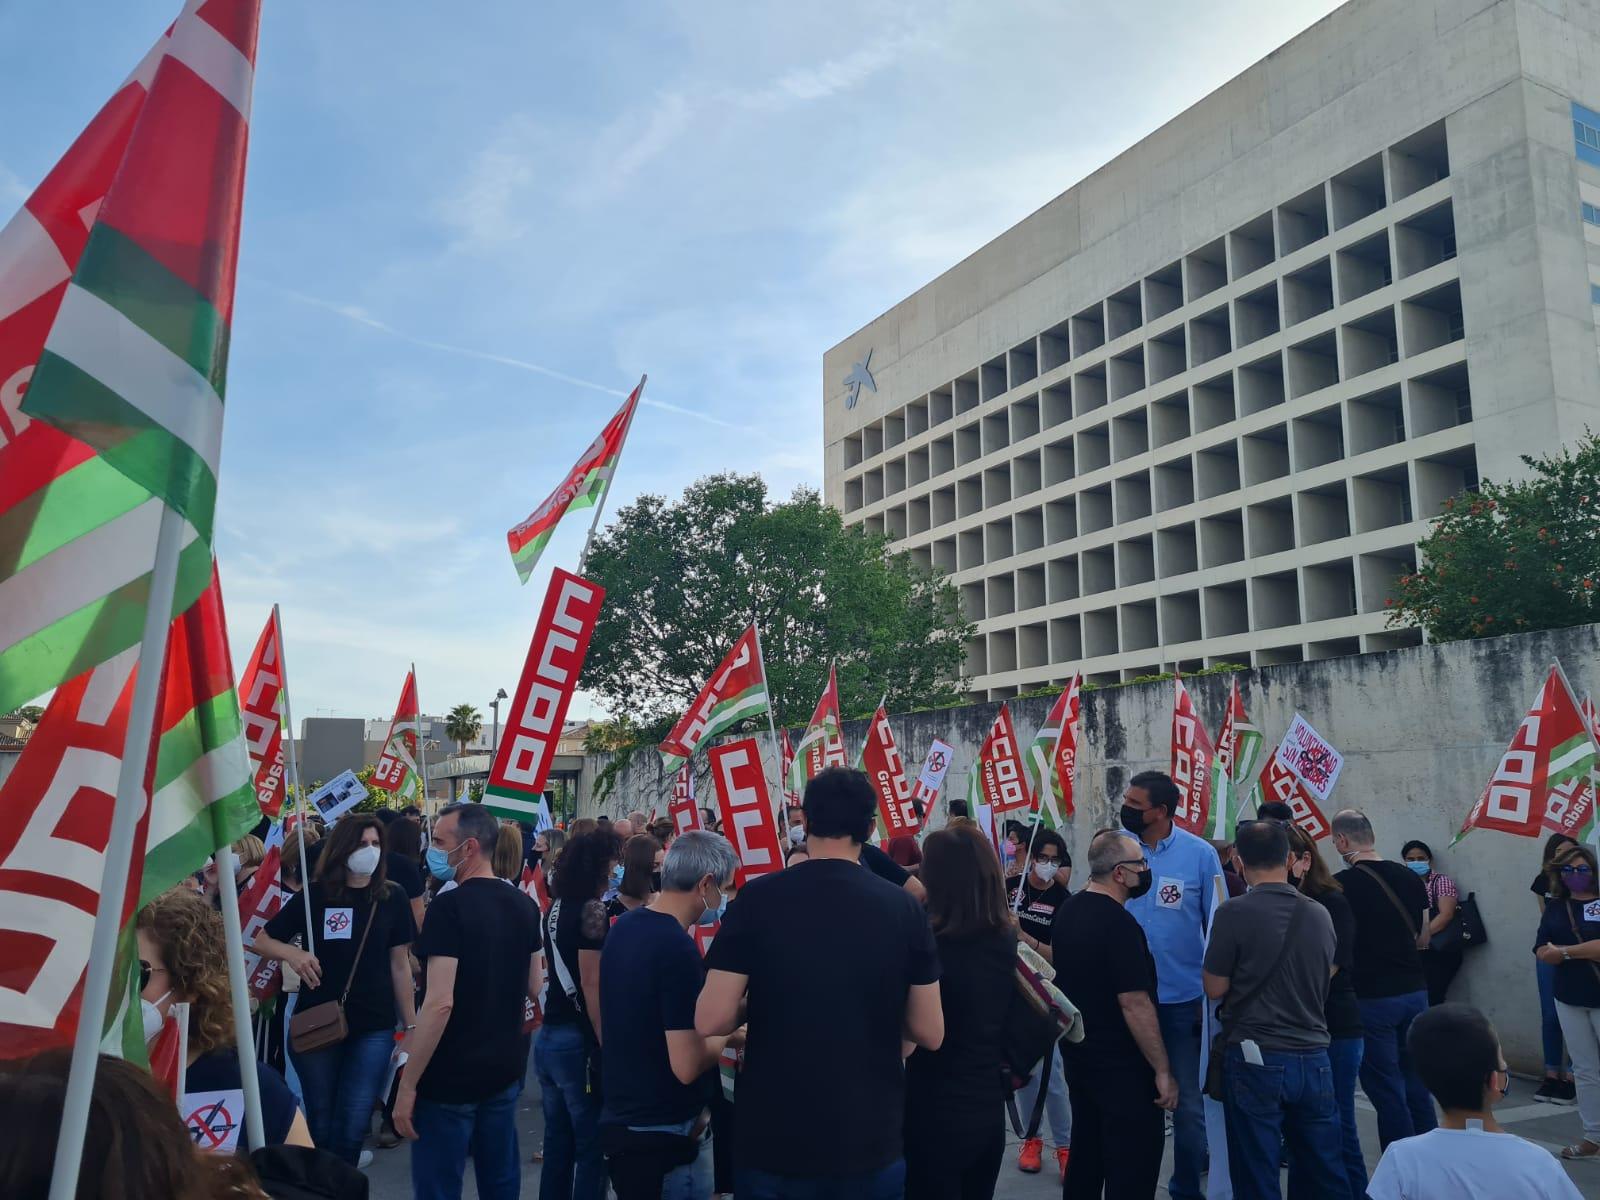 Los Sindicatos de CaixaBank convocan paros el 2 de junio, para exigir mejoras en las condiciones del ERE